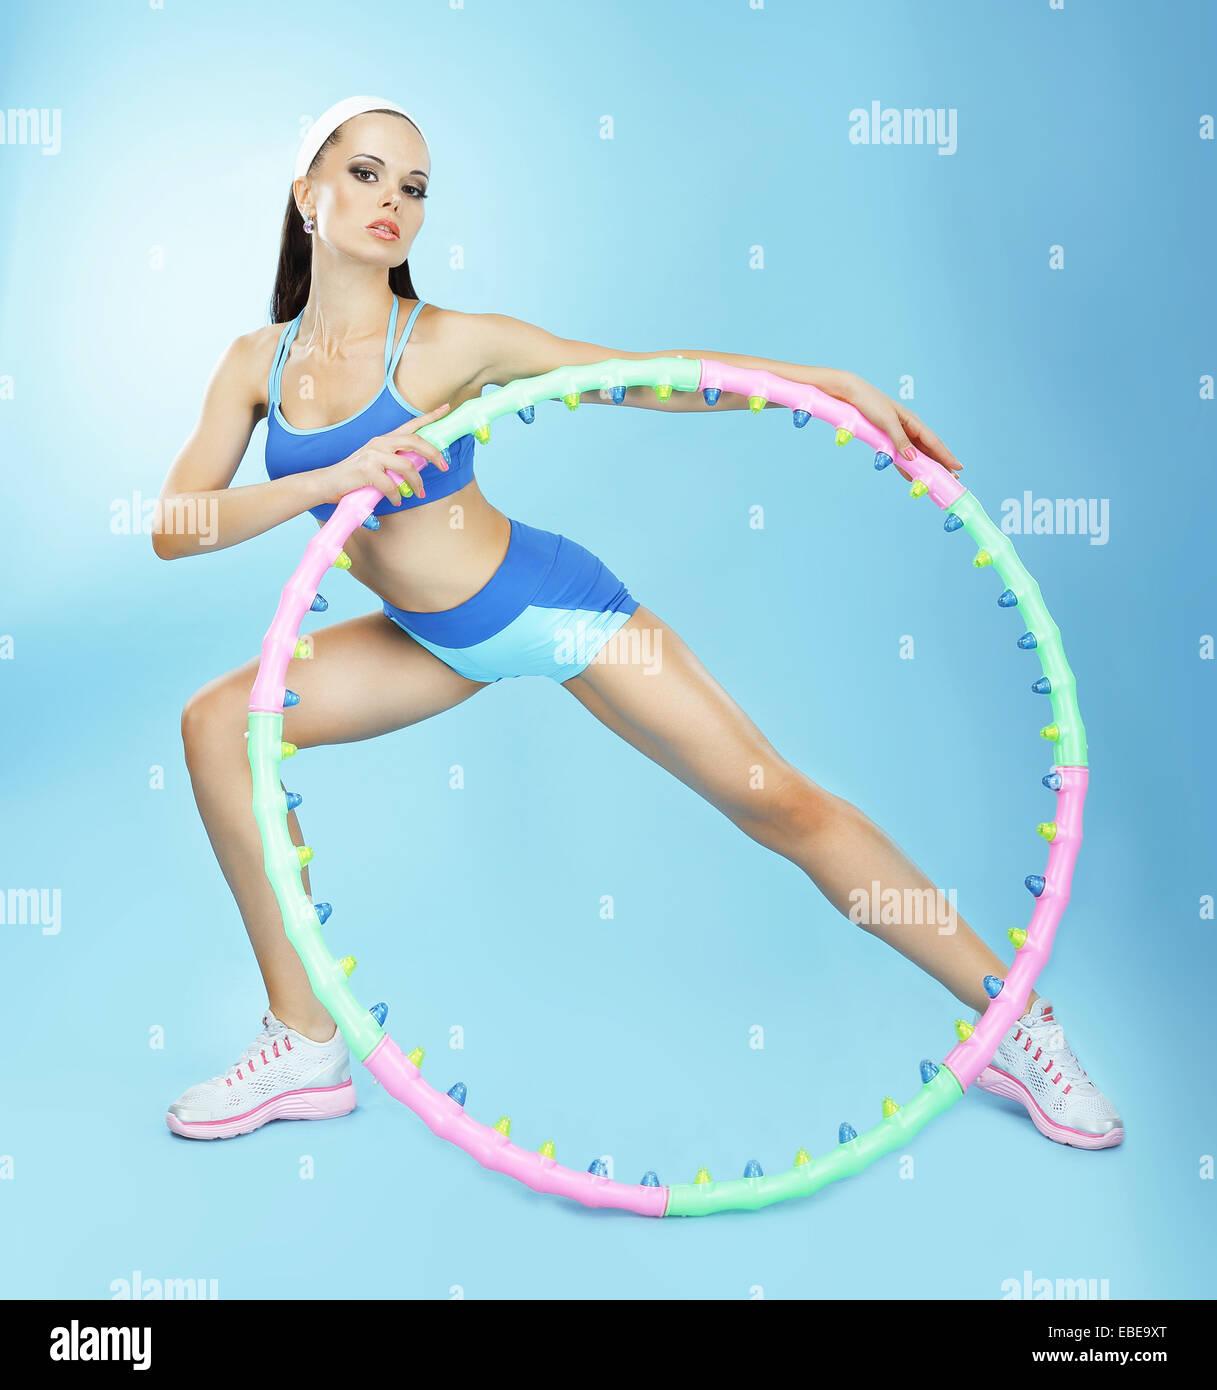 La ginnastica. Montare donna con cerchio in Fitness Club Immagini Stock